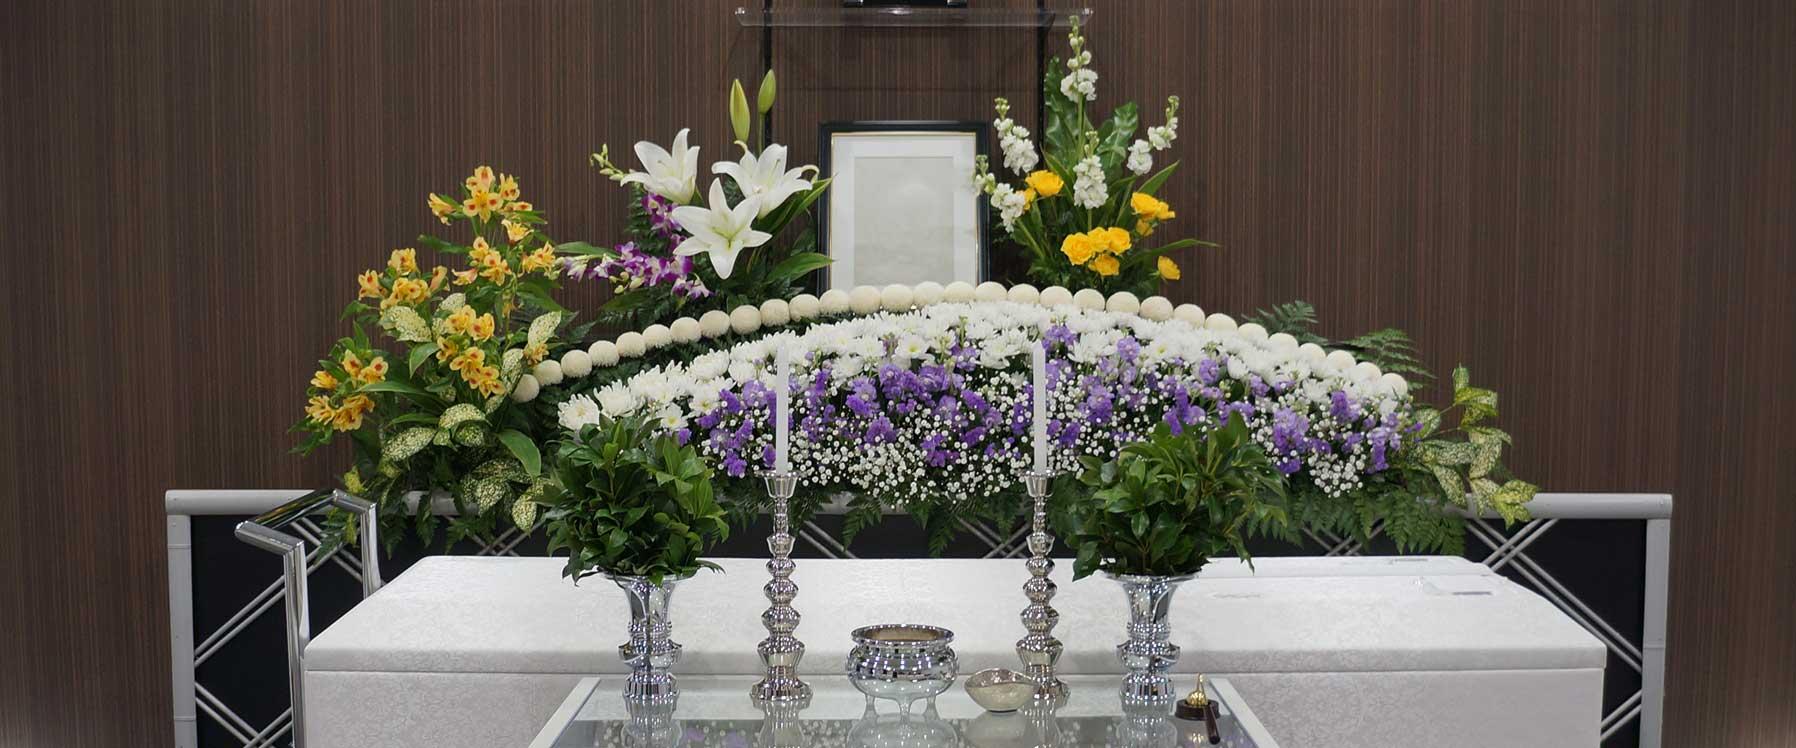 アーバン家族葬プランB ヘッダー画像